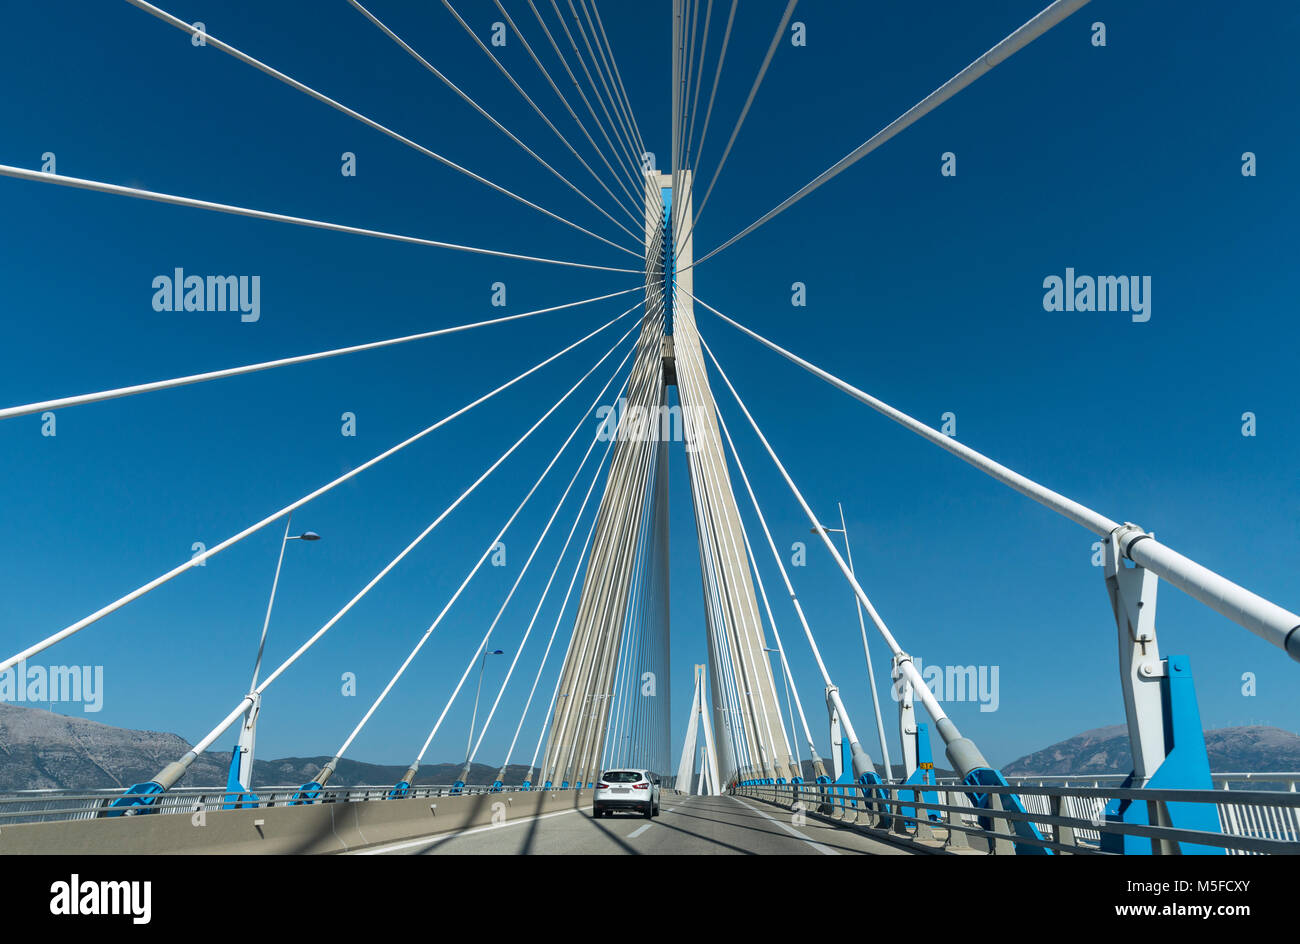 The Rio - Antirrio bridge, near Patras, linking the Peloponnese with mainland Greece across the Gulf of Korinth. - Stock Image